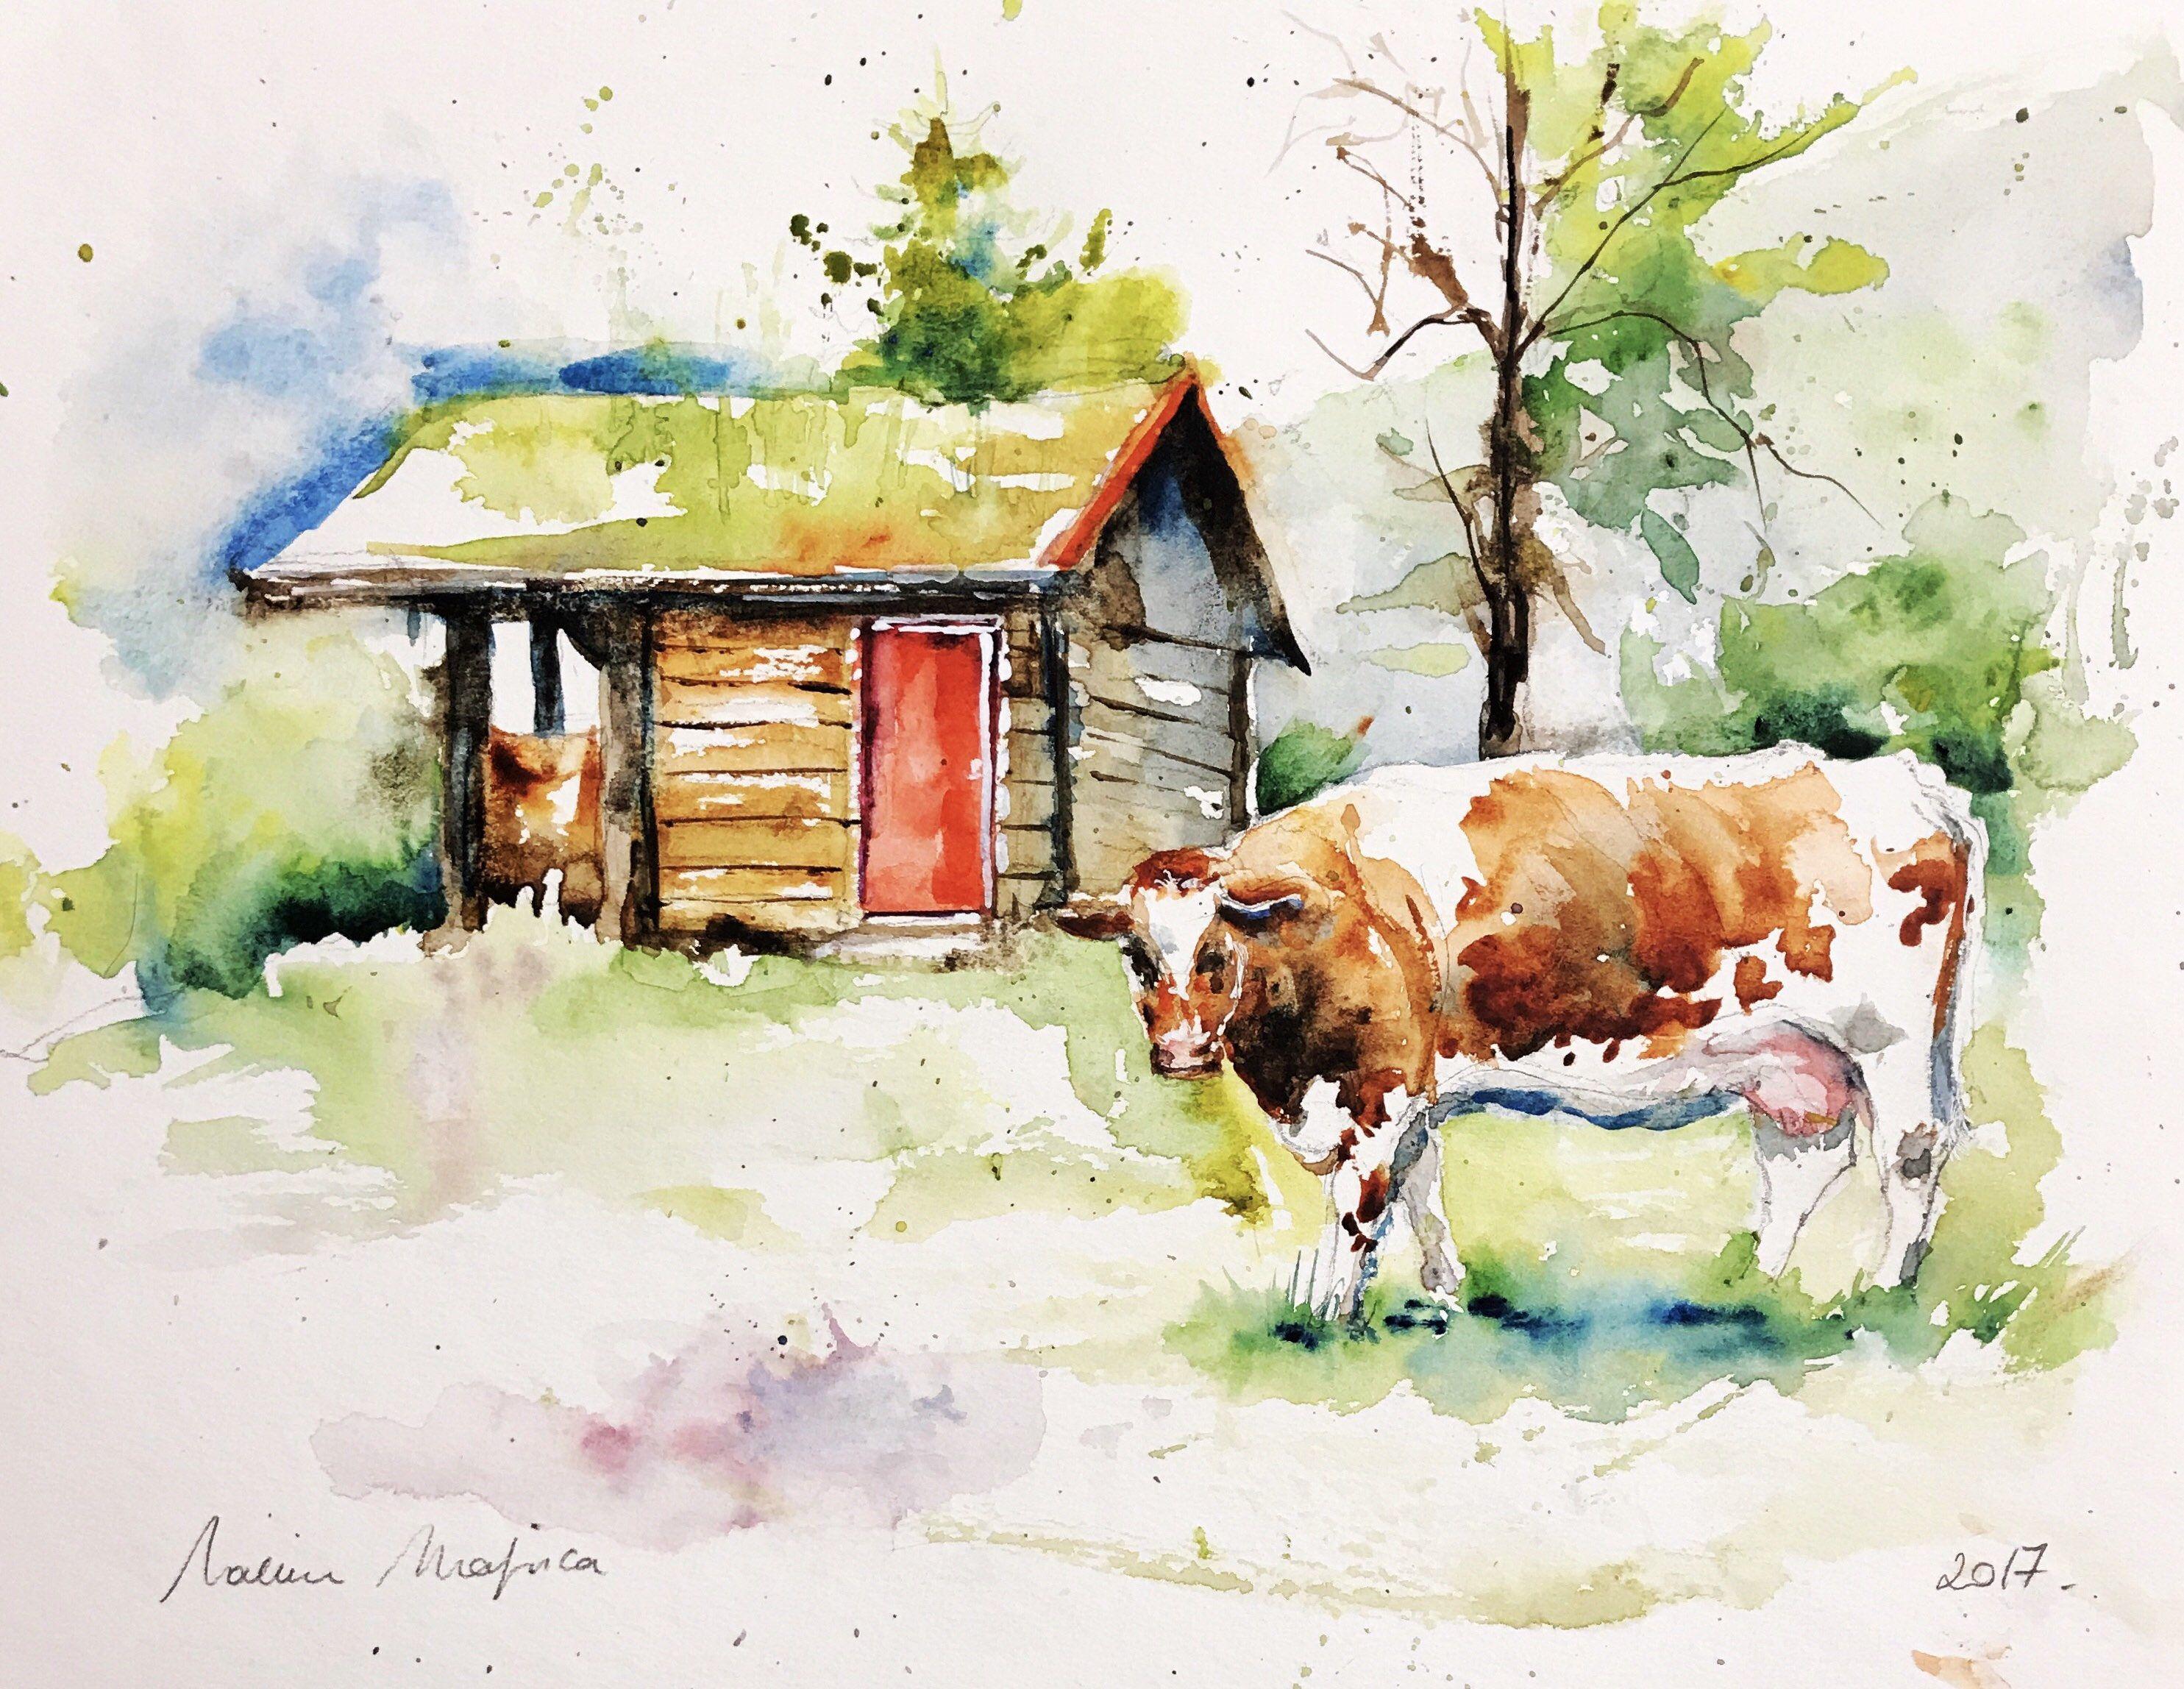 Aquarelle Peinture Originale Vache Dans Les Alpes Suisses